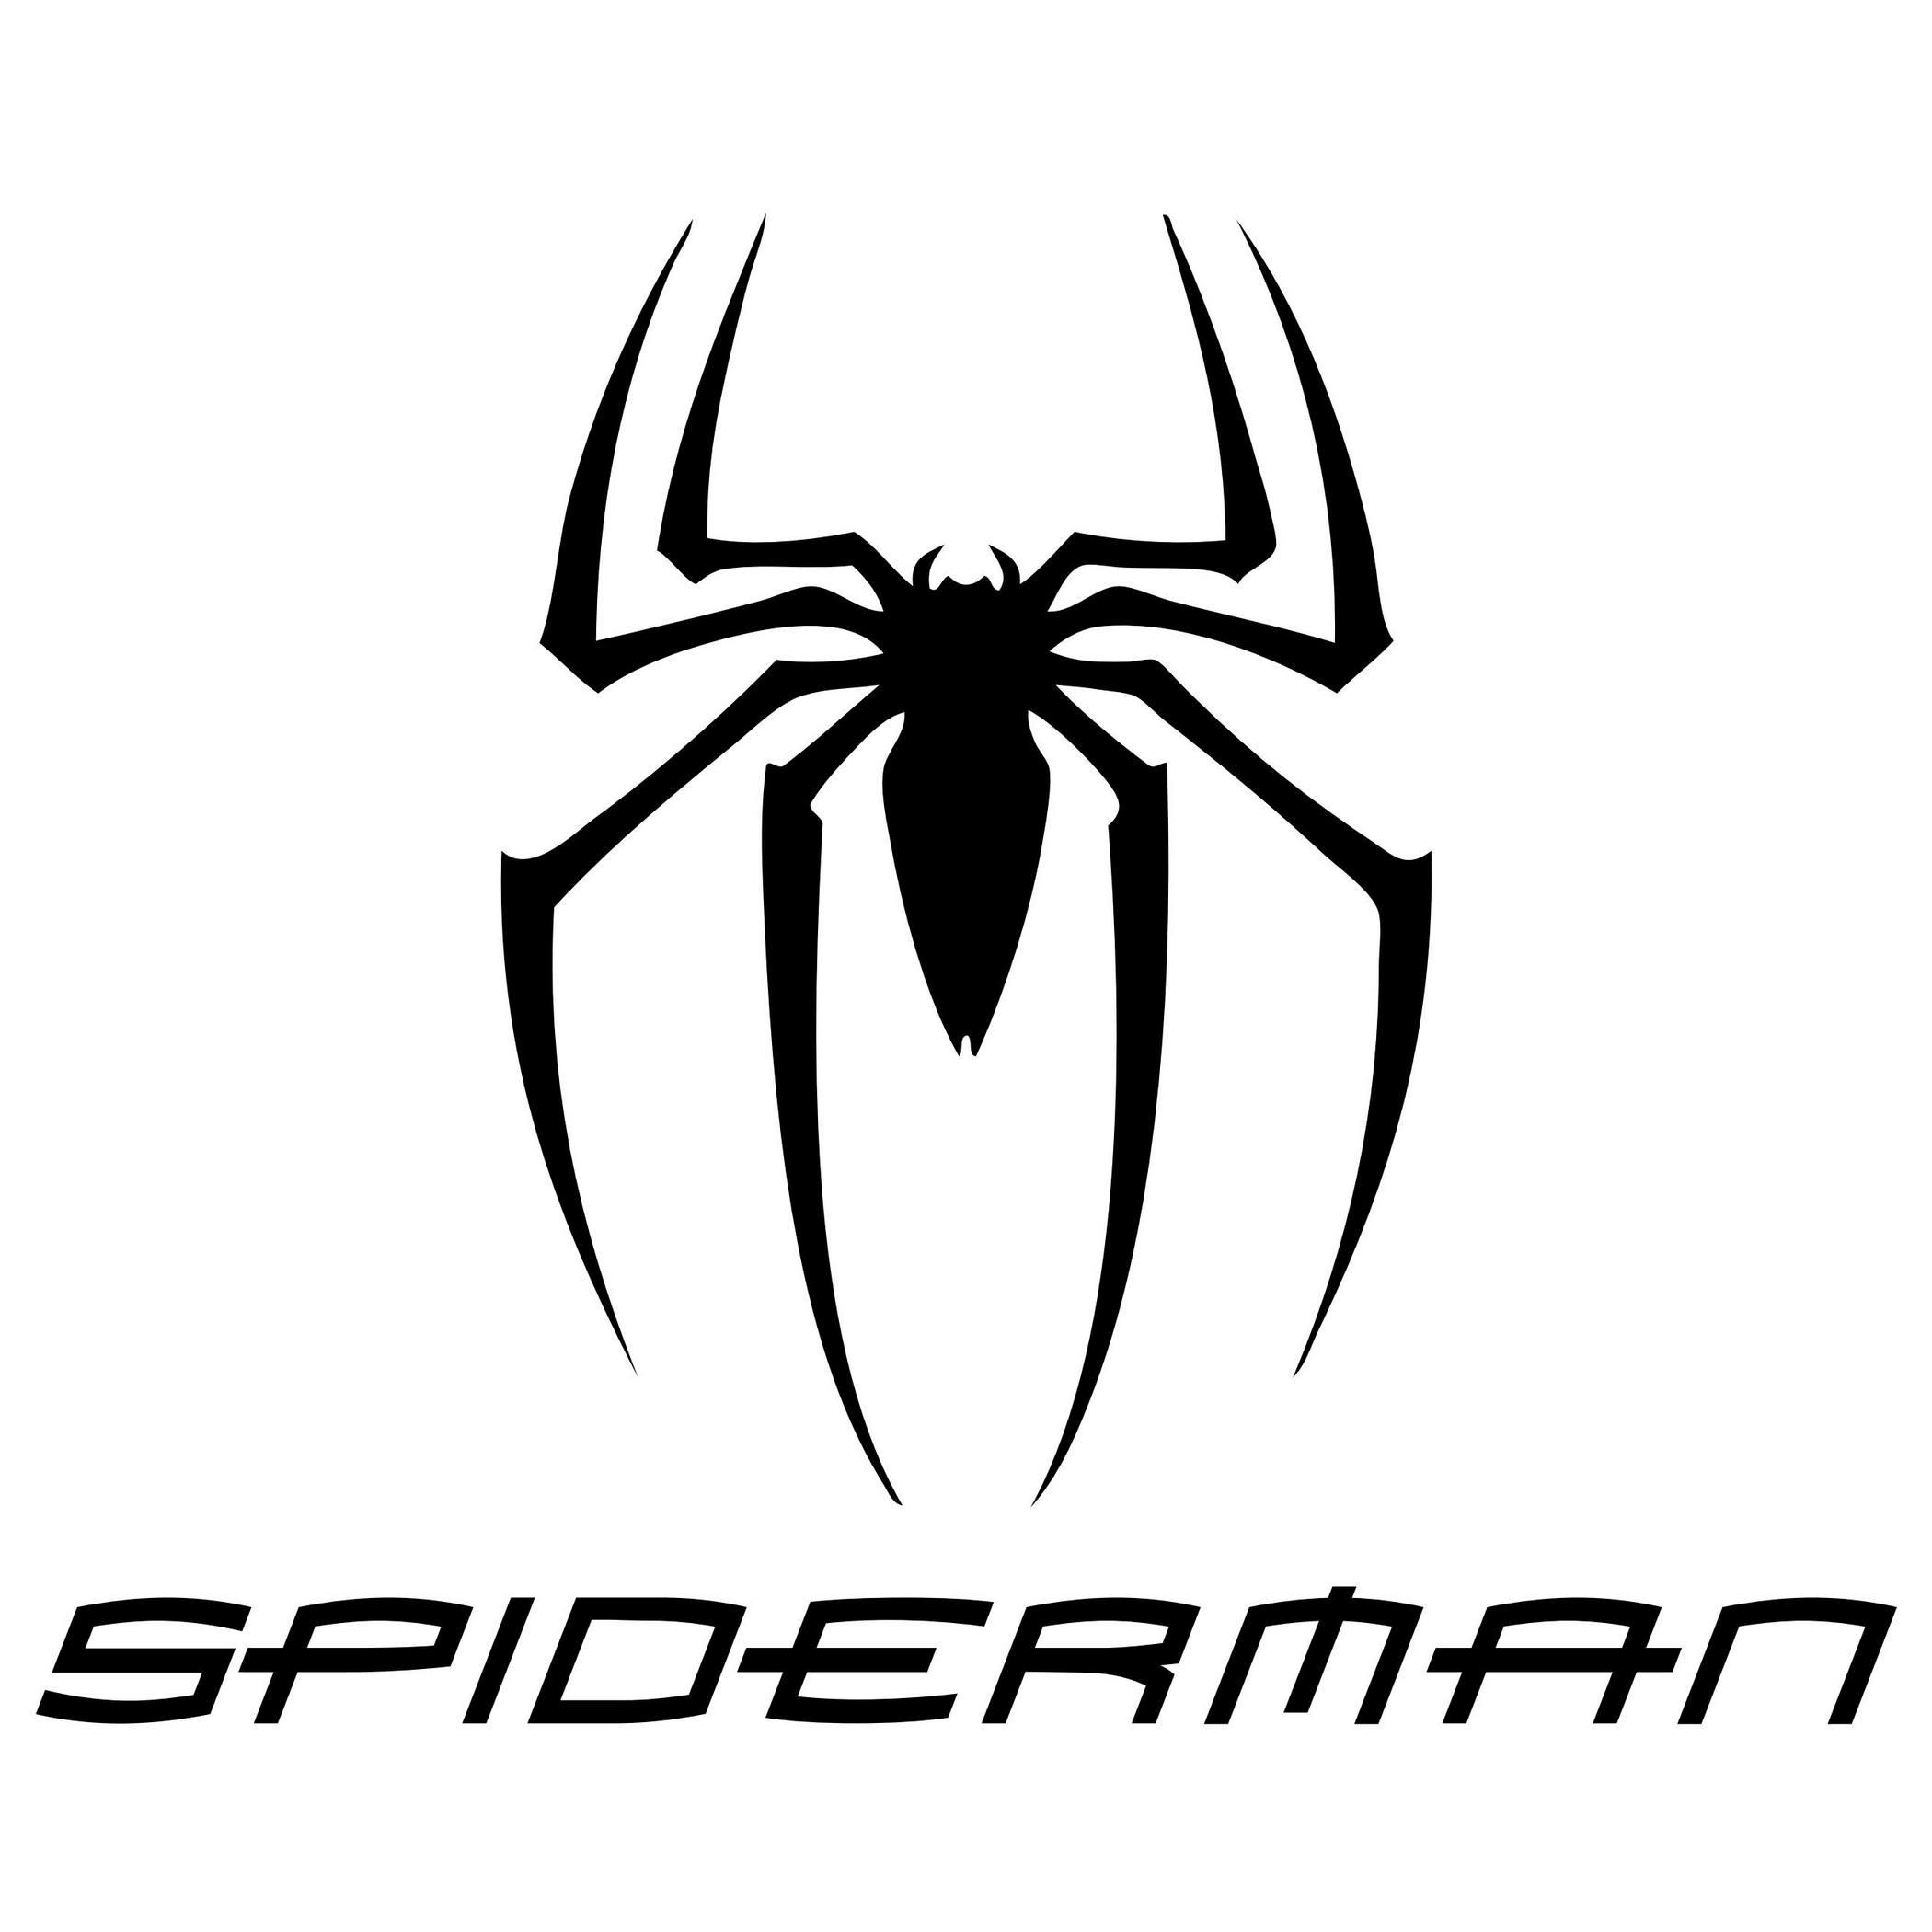 Spider-man-logo